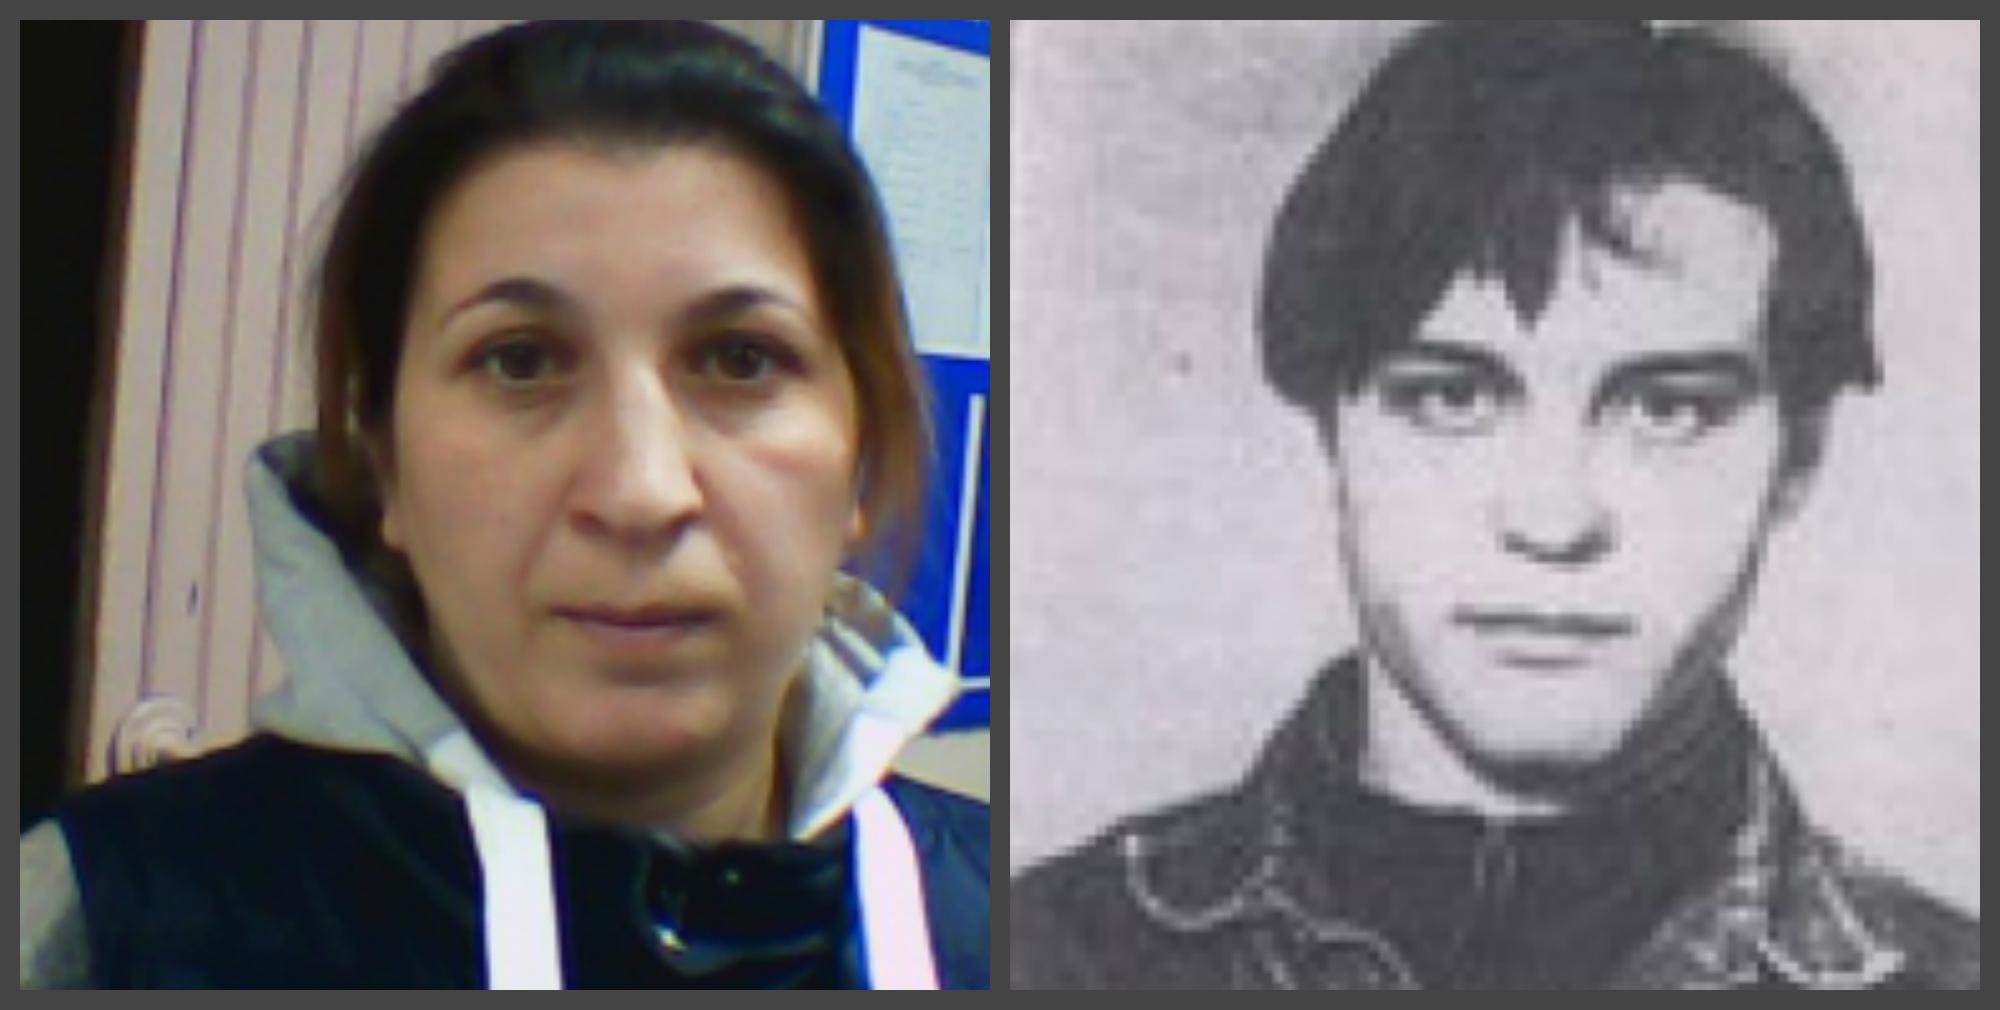 В Чепецке ищут семерых подозреваемых, причастных к различным преступлениям